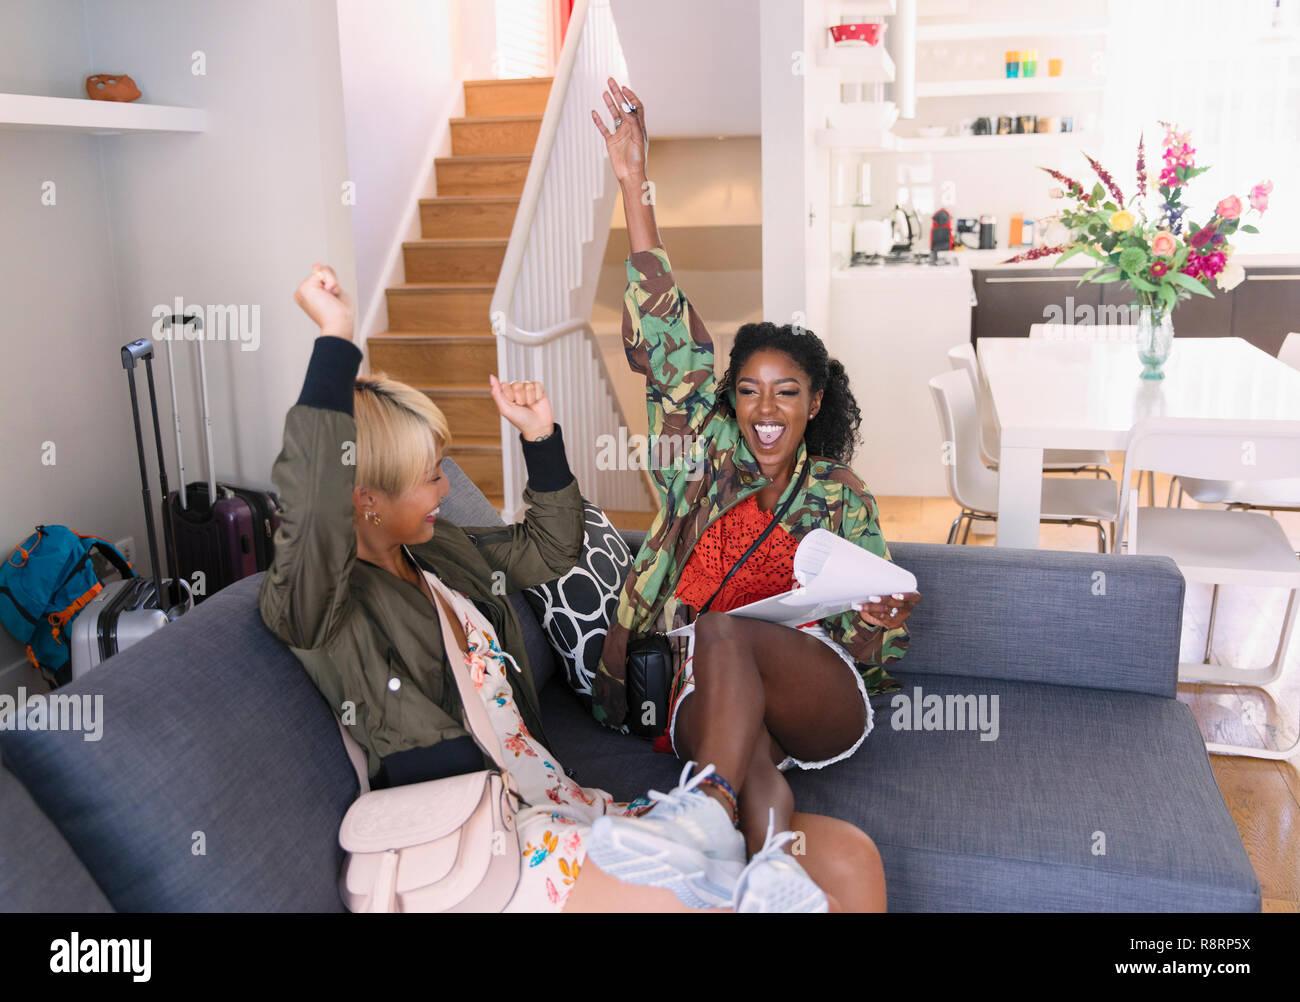 Exuberantes mujeres jóvenes amigos que llegan a casa de alquiler Imagen De Stock